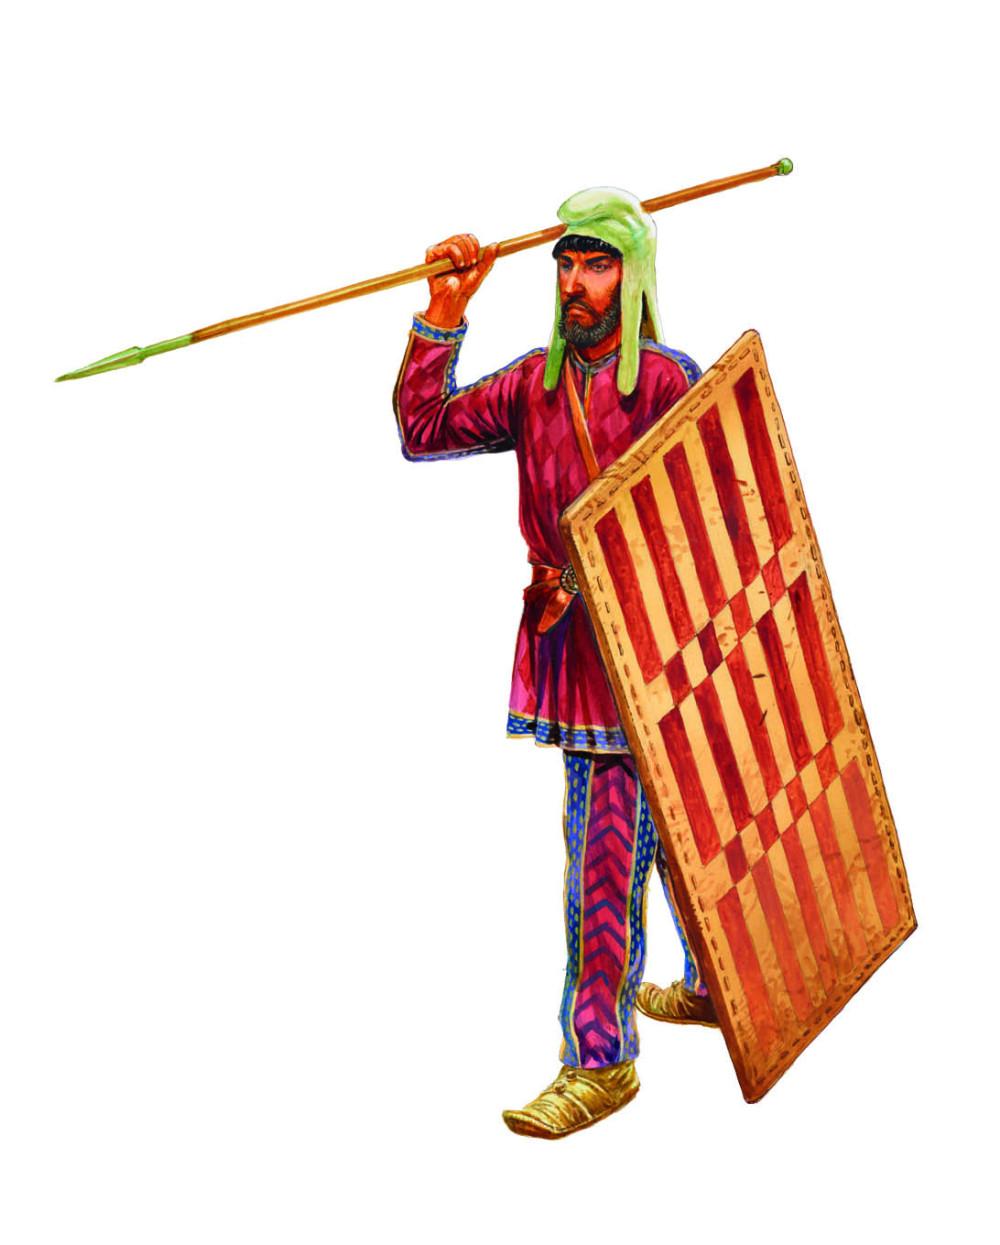 晚期波斯不死兵,他没有盔甲,穿着华丽的服饰,使用方形的柳条盾